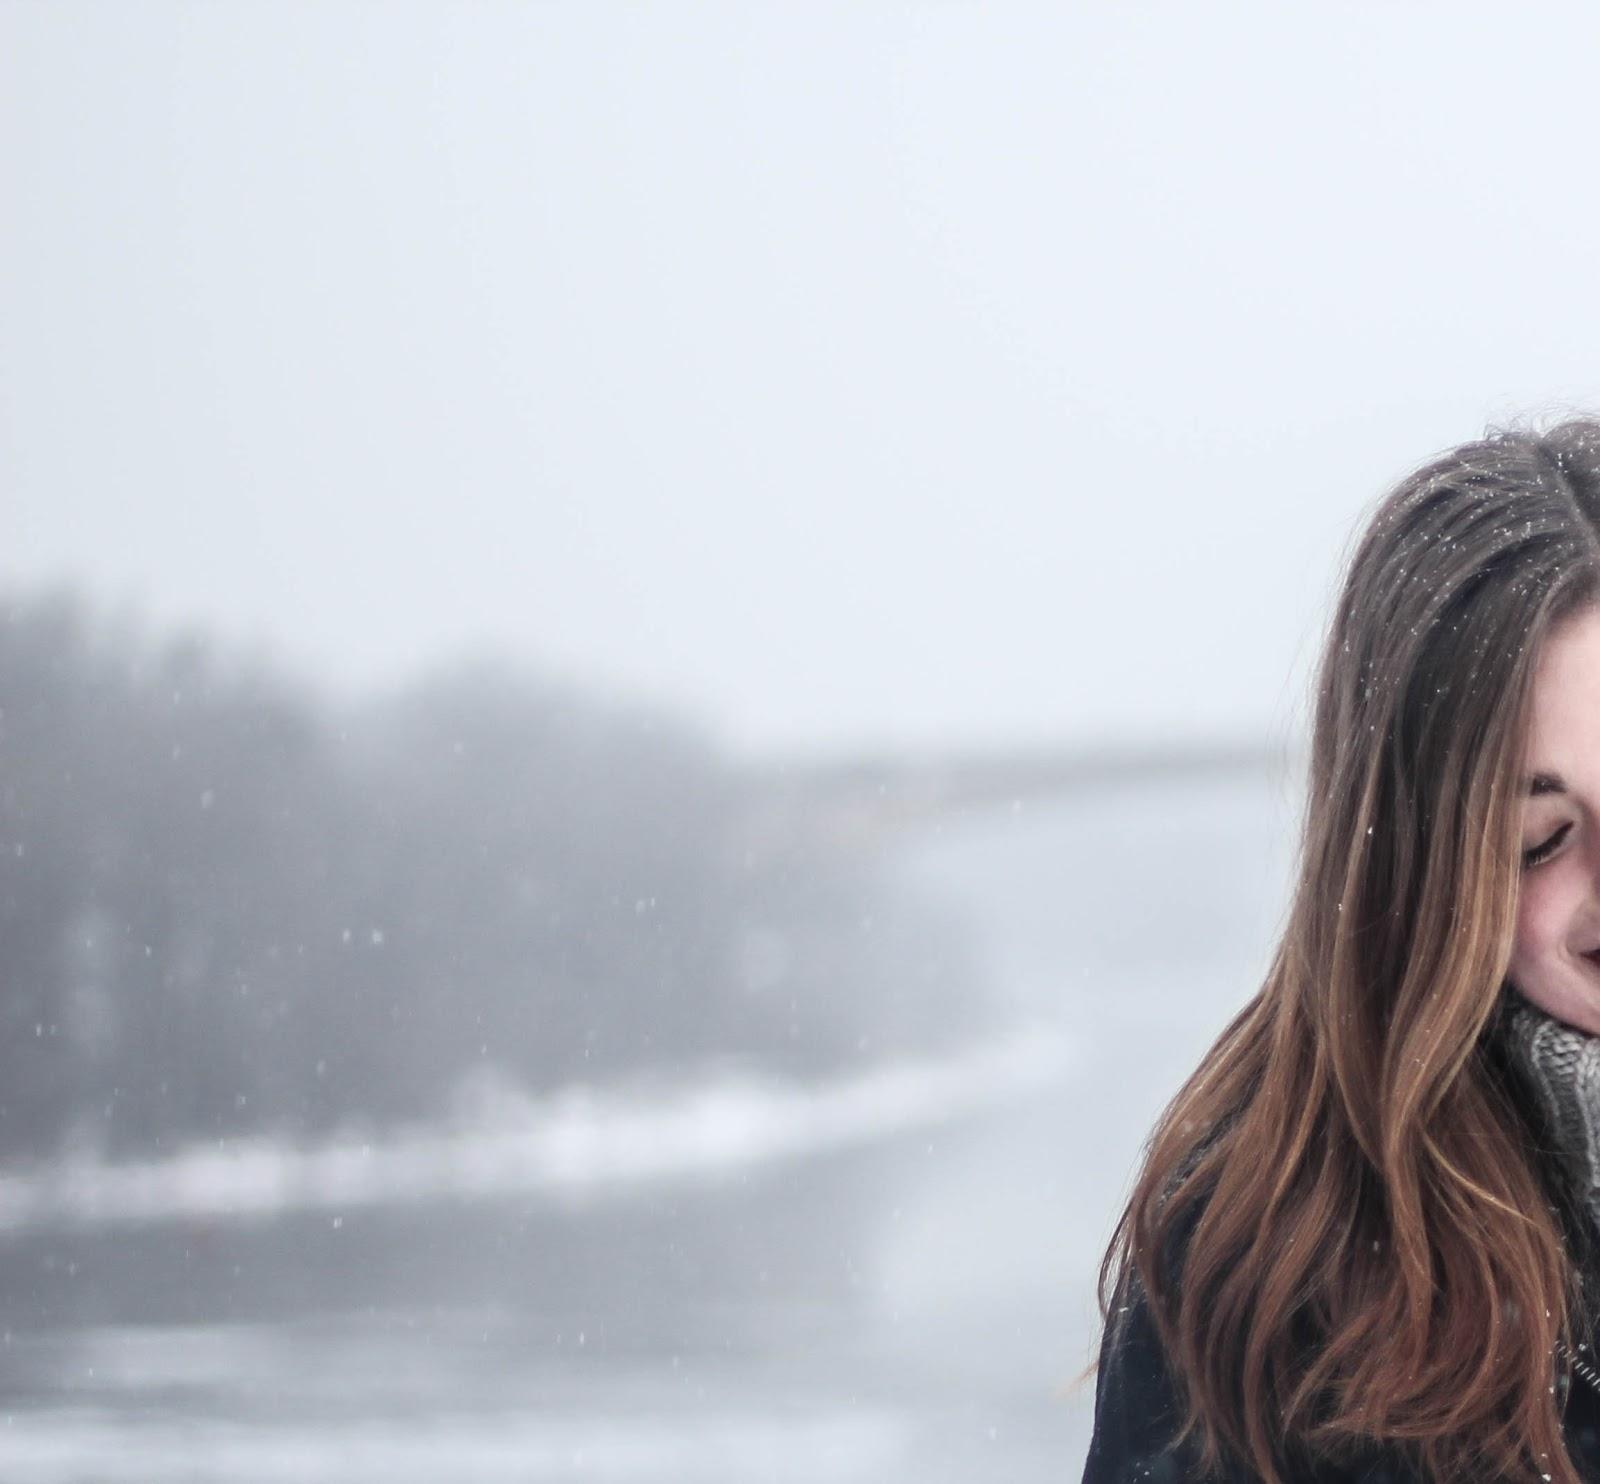 小雪の中に微笑んで俯く女性